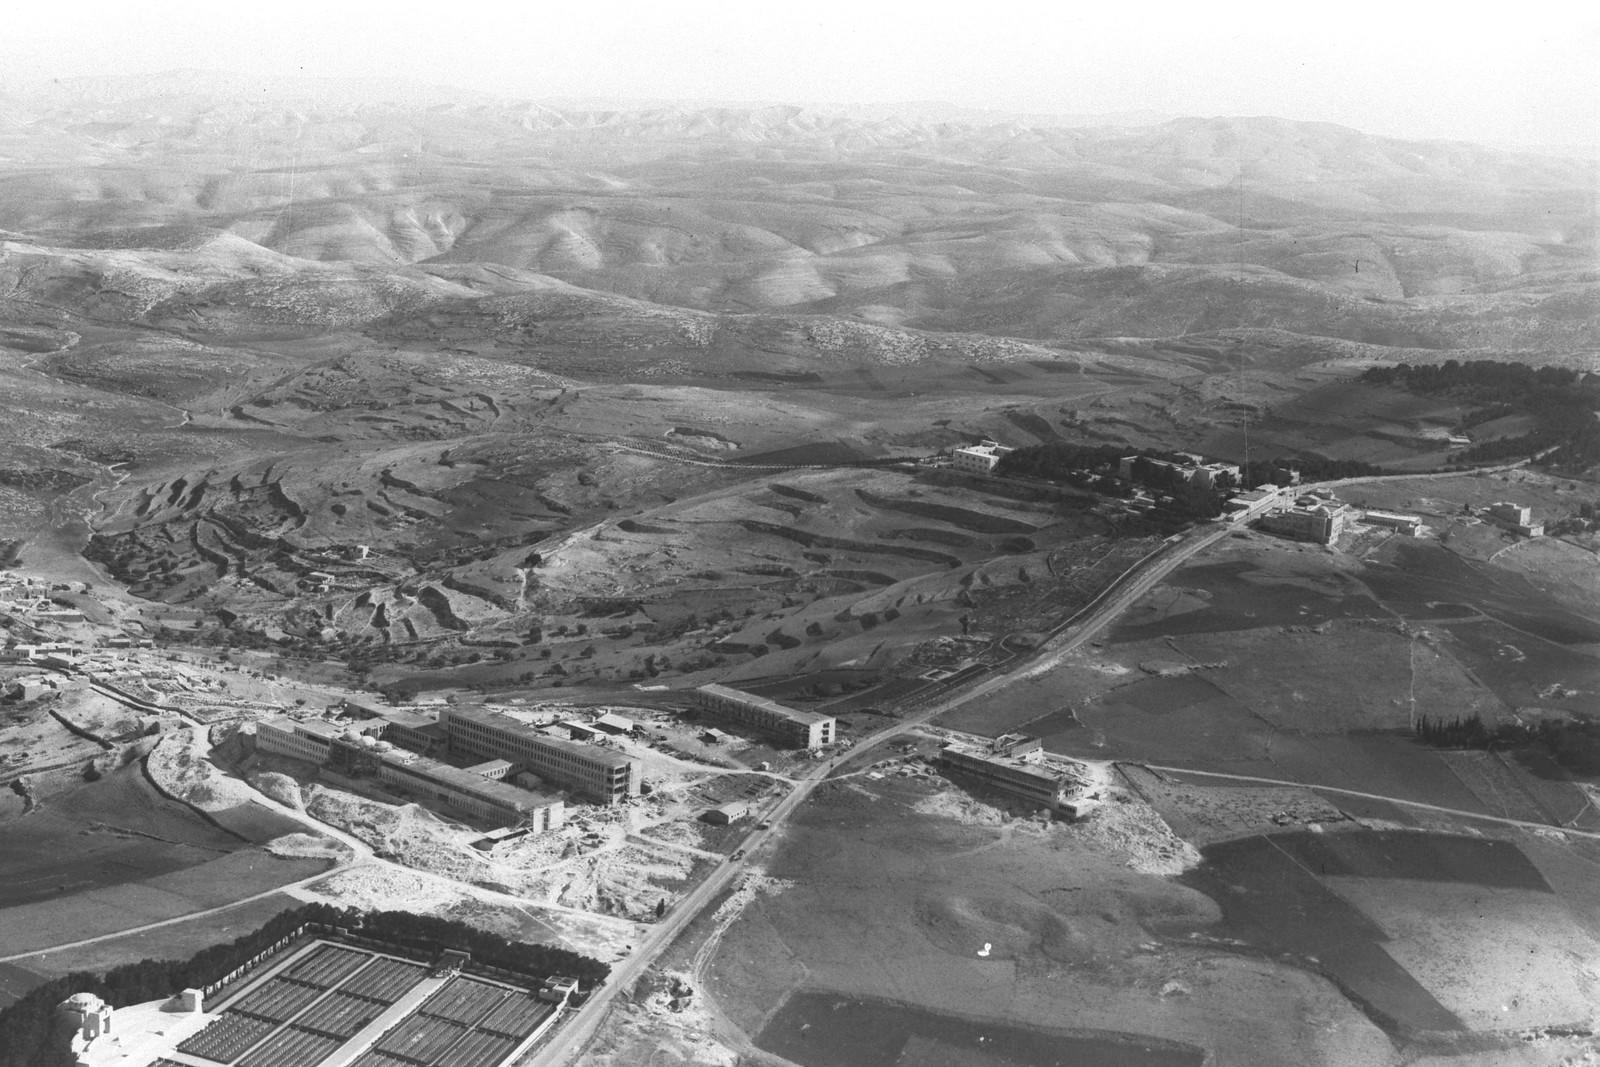 1937. Аэрофотоснимок медицинского центра «Хадасса» и университета